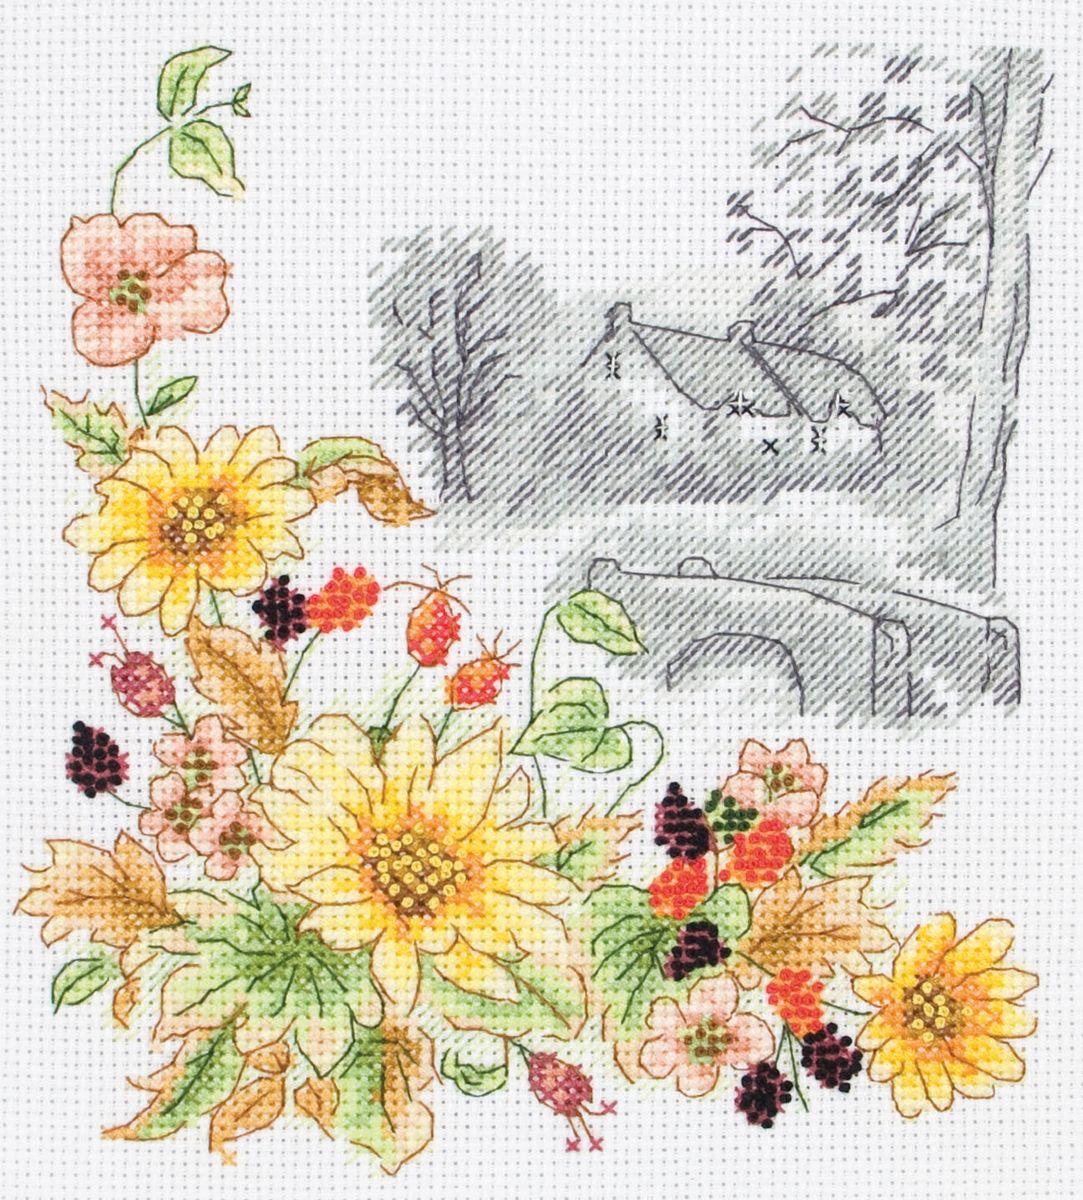 Набор для вышивания Anchor Autumn Days /Осенние дни/ 19,5*16,5см (состав: канва Aida 14, цветная схема, нитки Anchor, игла, инструкция), счетный крестPCE597Набор для вышивания Anchor Autumn Days /Осенние дни/ 19,5*16,5см (состав: канва Aida 14, цветная схема, нитки Anchor, игла, инструкция), счетный крест